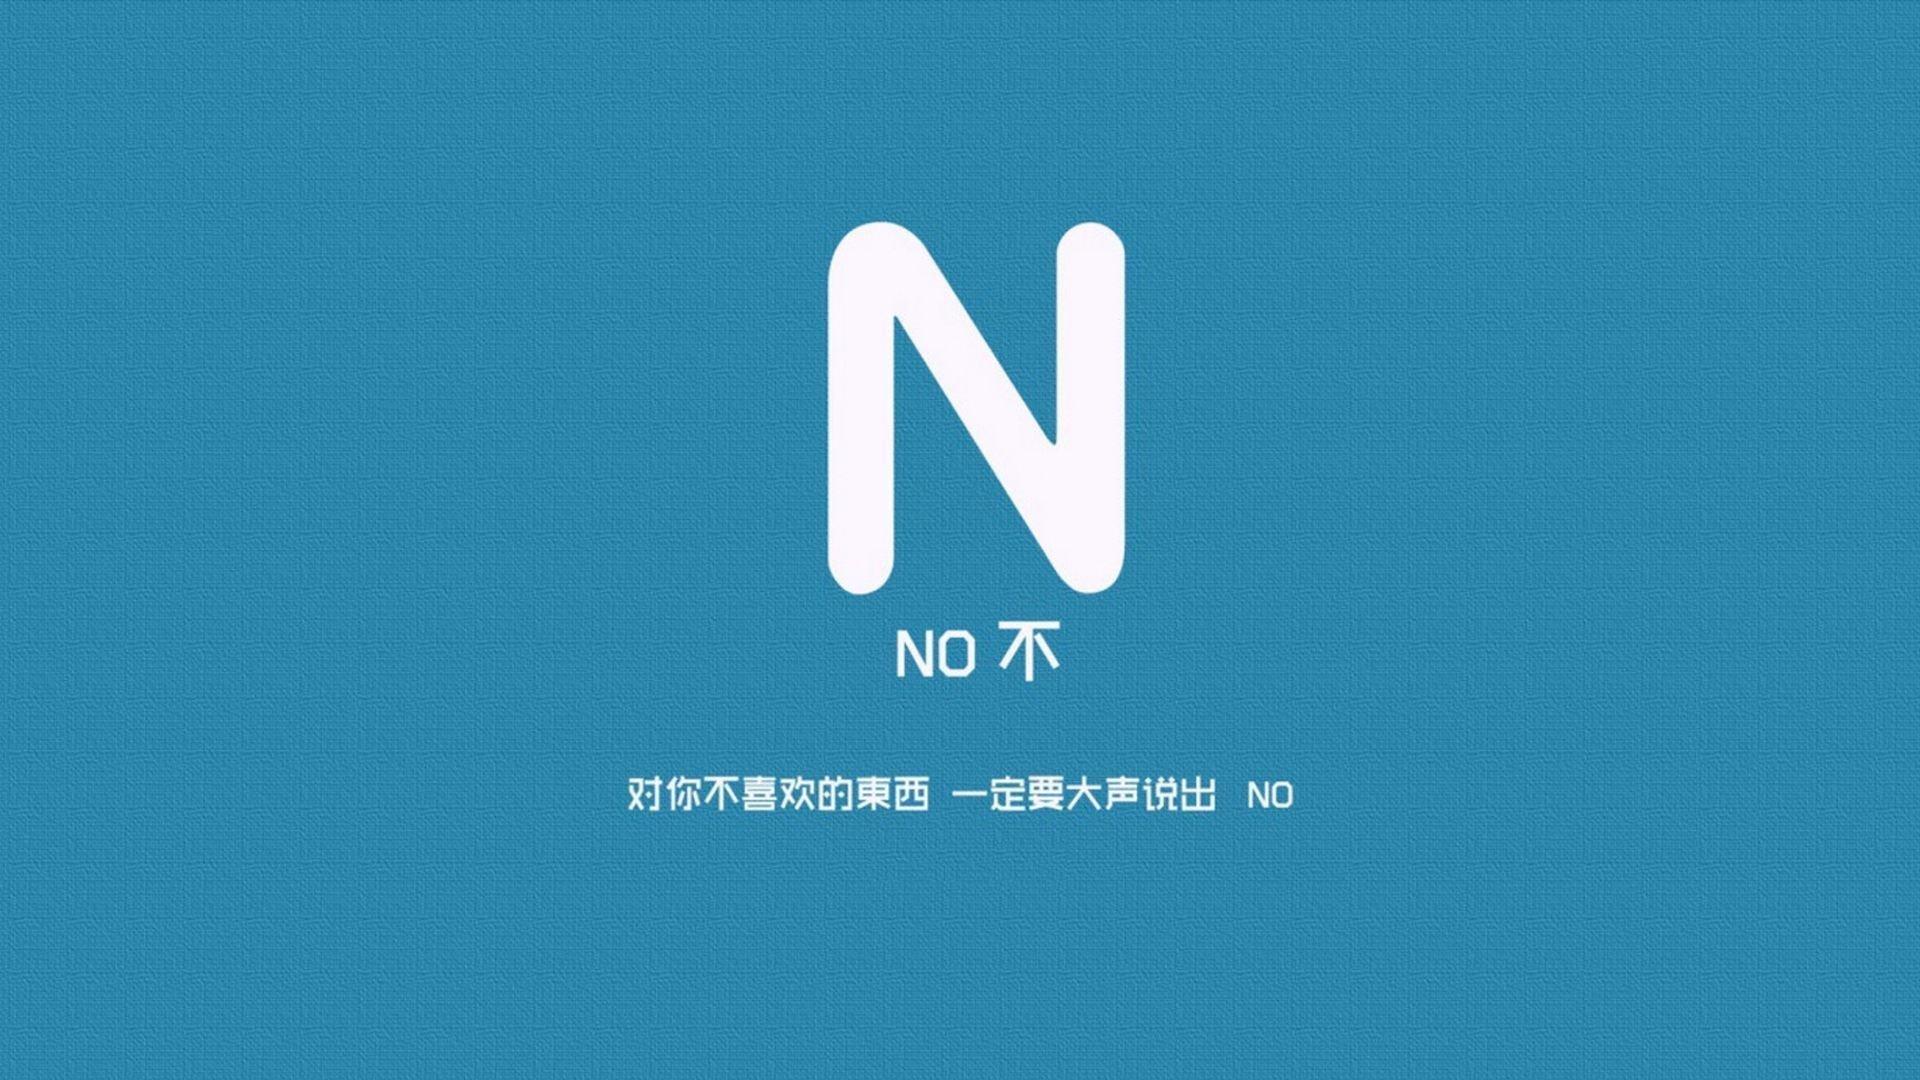 北京适合做什么生意,在北京创业,做什么项目比较好?